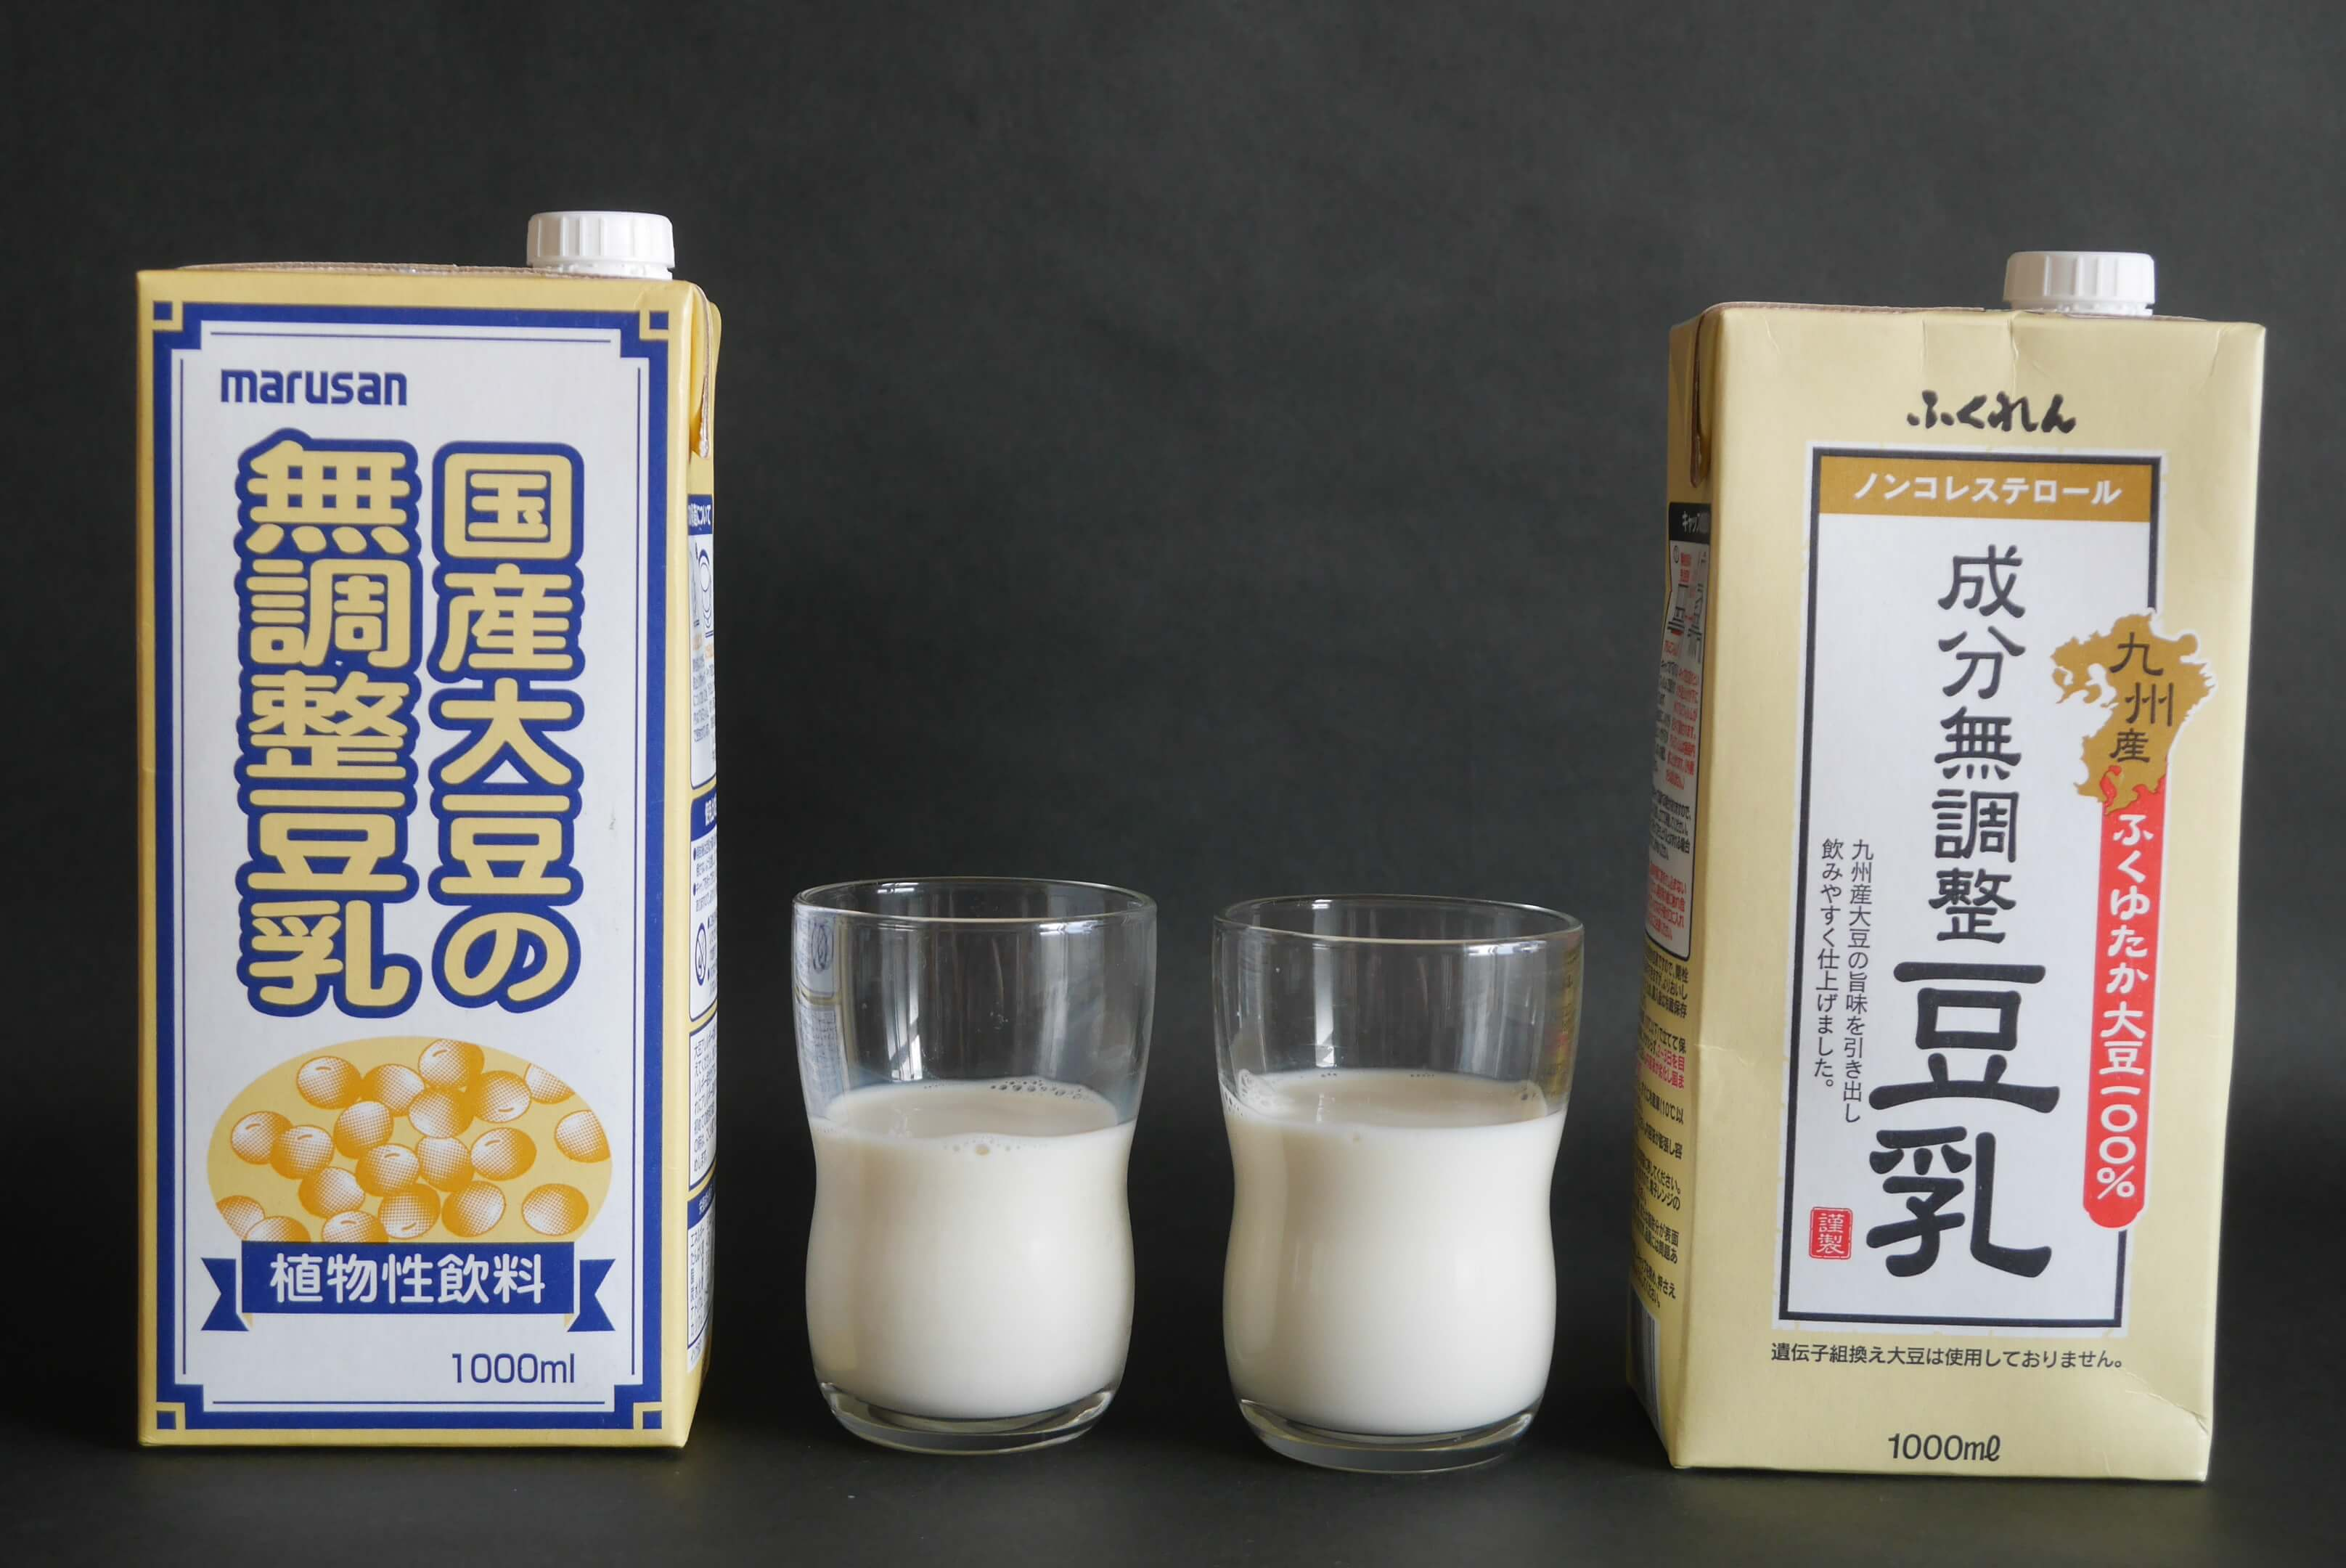 国産大豆・非遺伝子組み換えの[無調整豆乳] オススメ2選,飲みくらべてみた感想をシェア